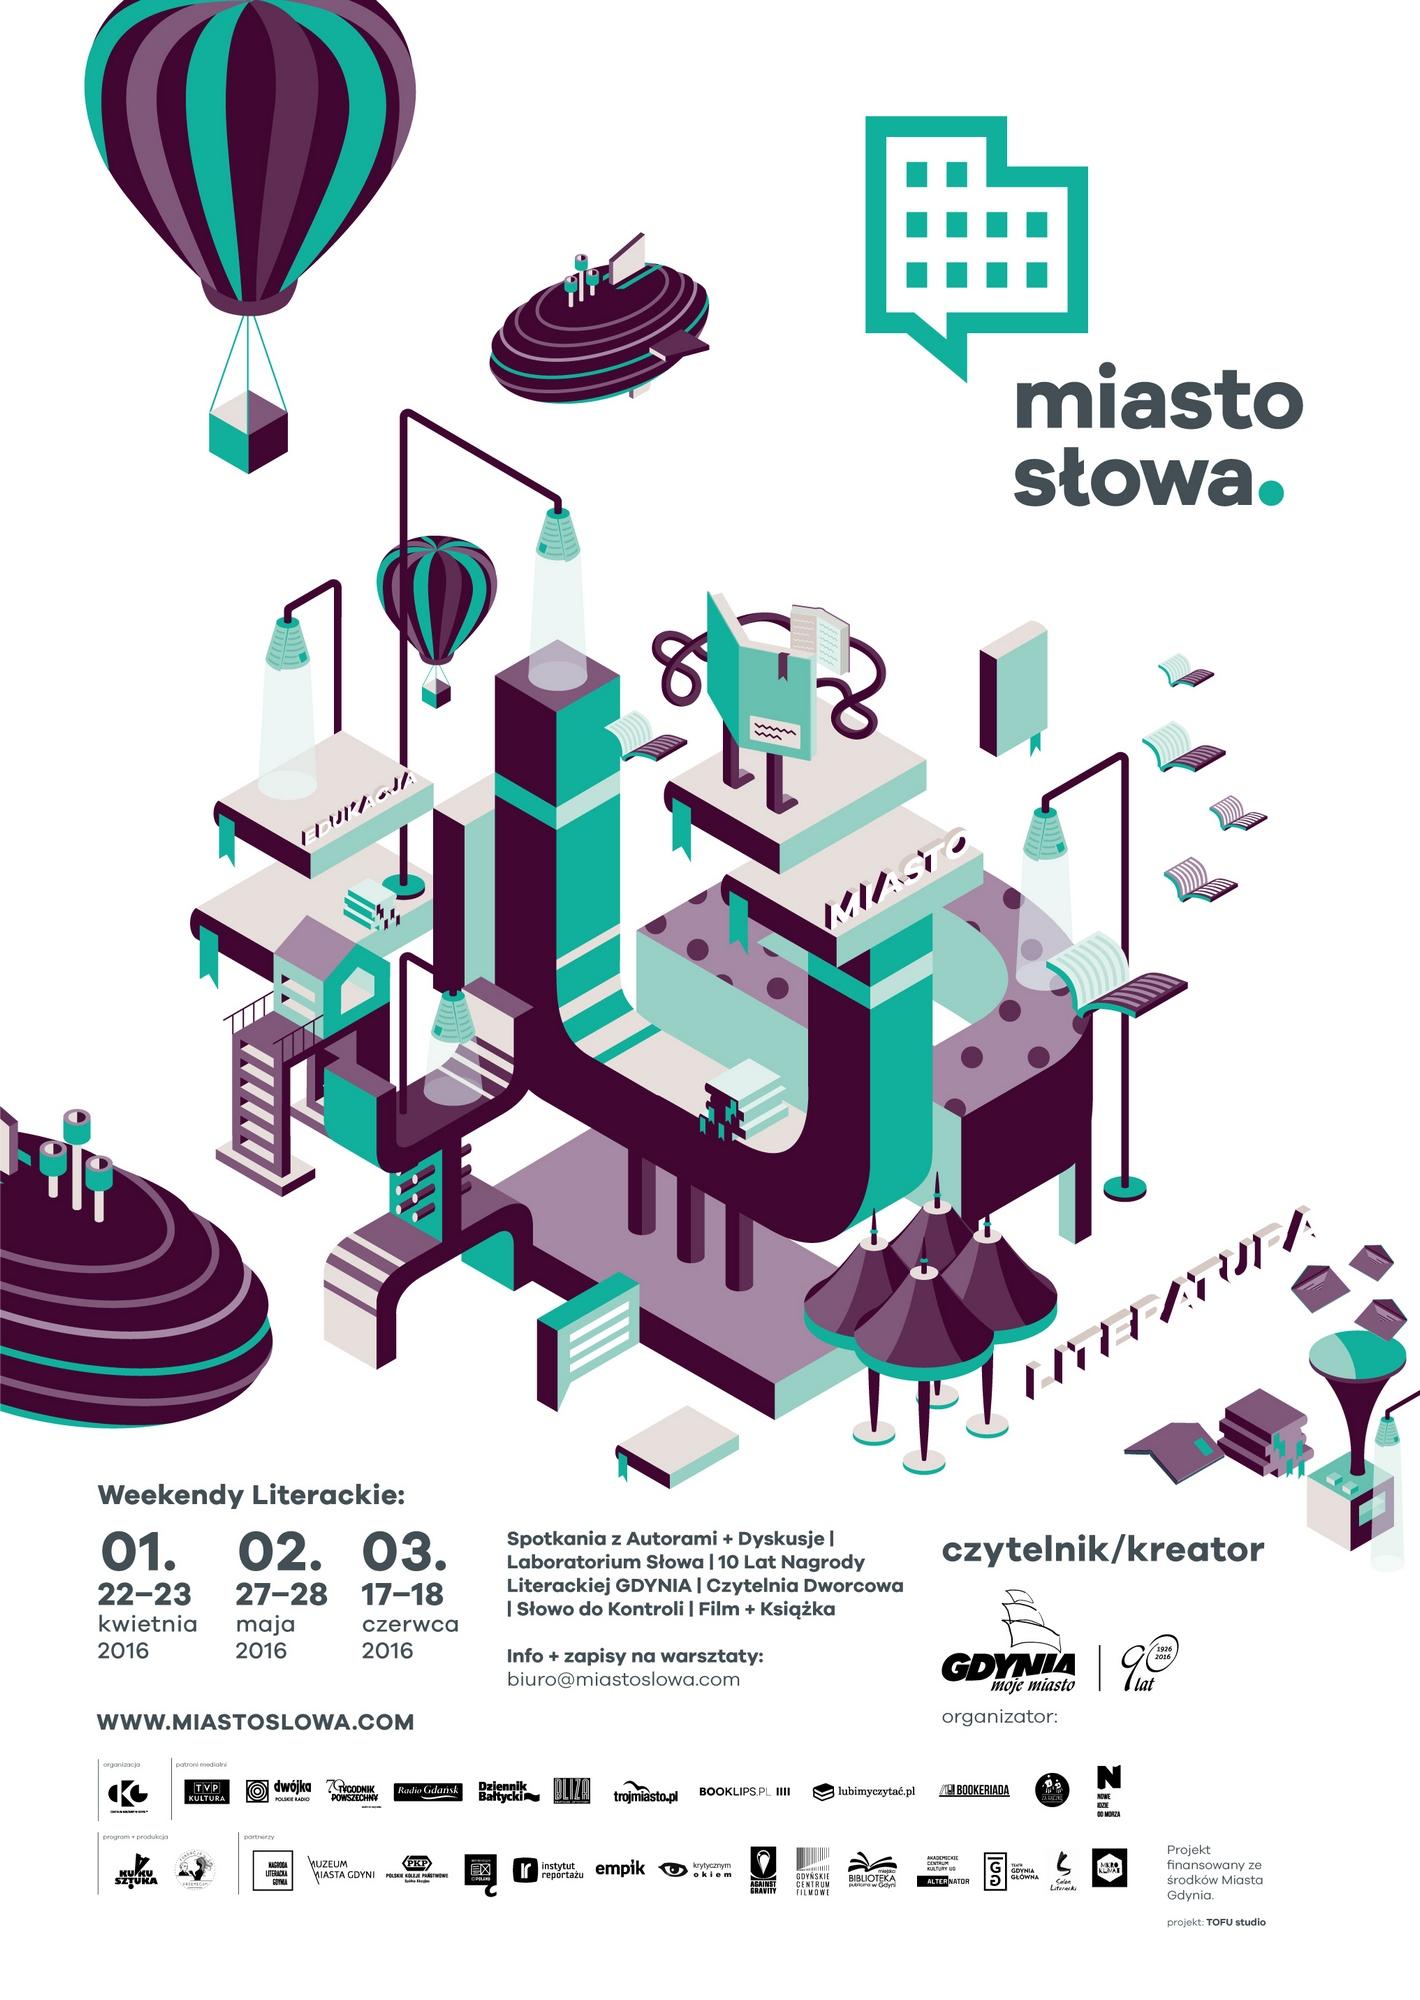 Festiwal Miasto Słowa – Czytelnik/Kreator – plakat (źródło: materiały prasowe)